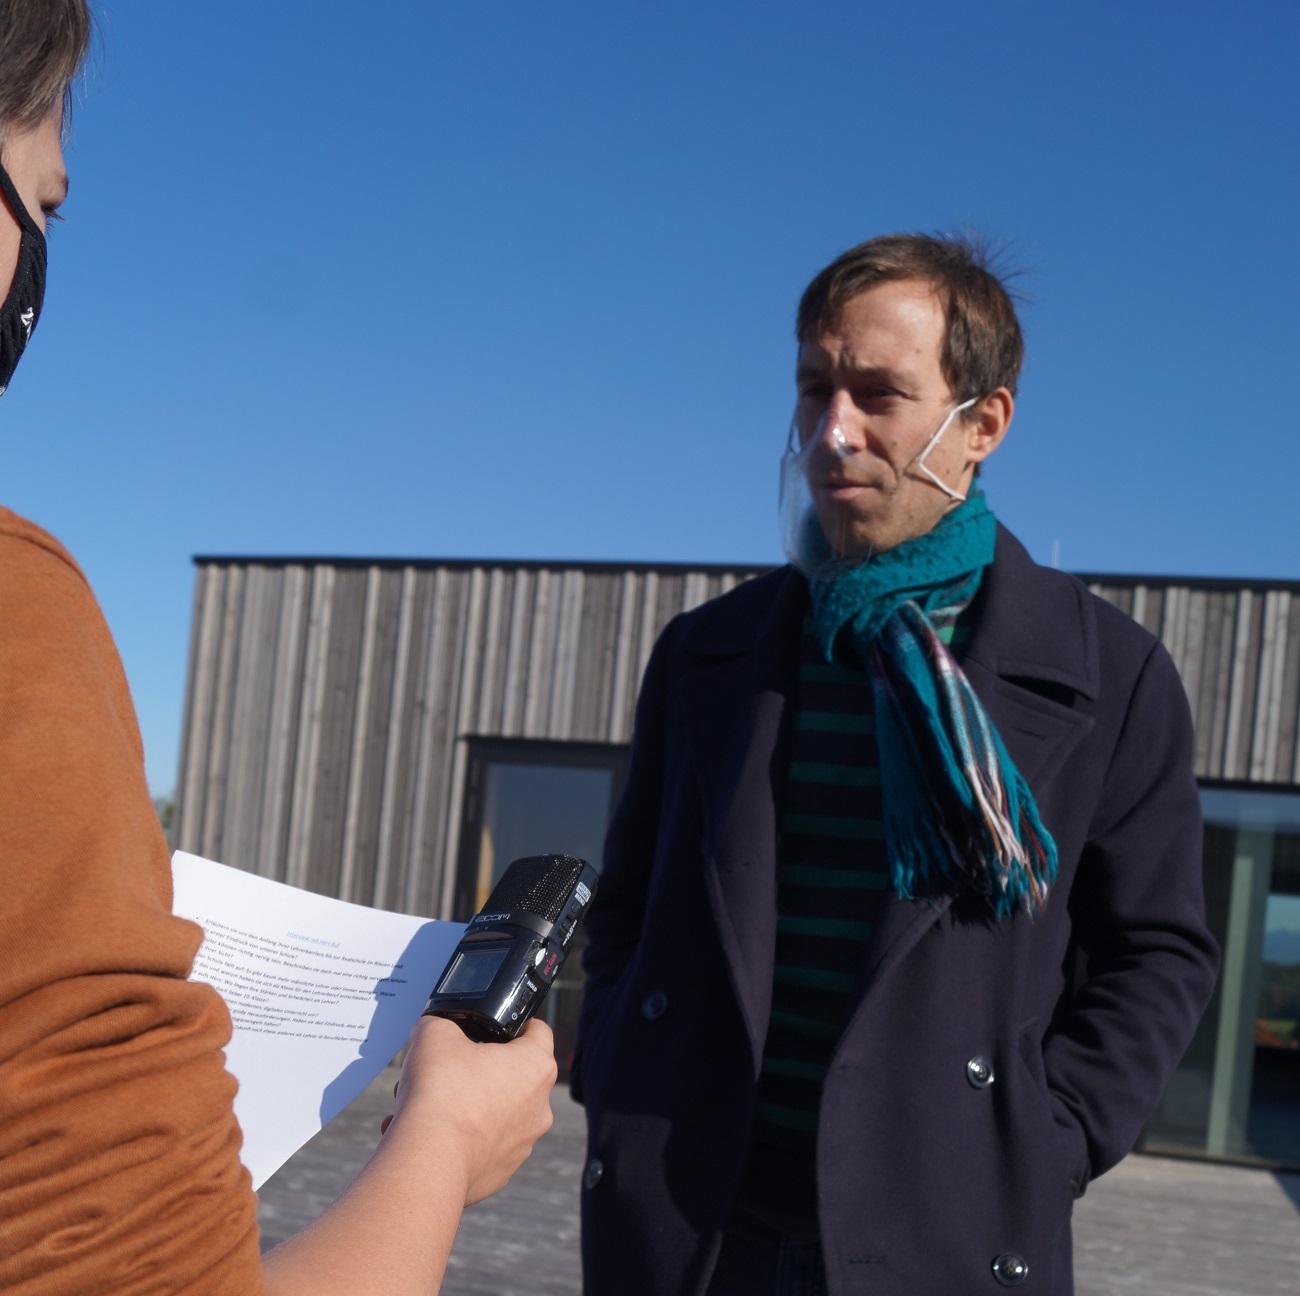 """Neuzugänge an der RS Murnau: """"Technik kann uns helfen. Lernen müssen wir aber selber"""" – Interview mit Herrn Ruf"""